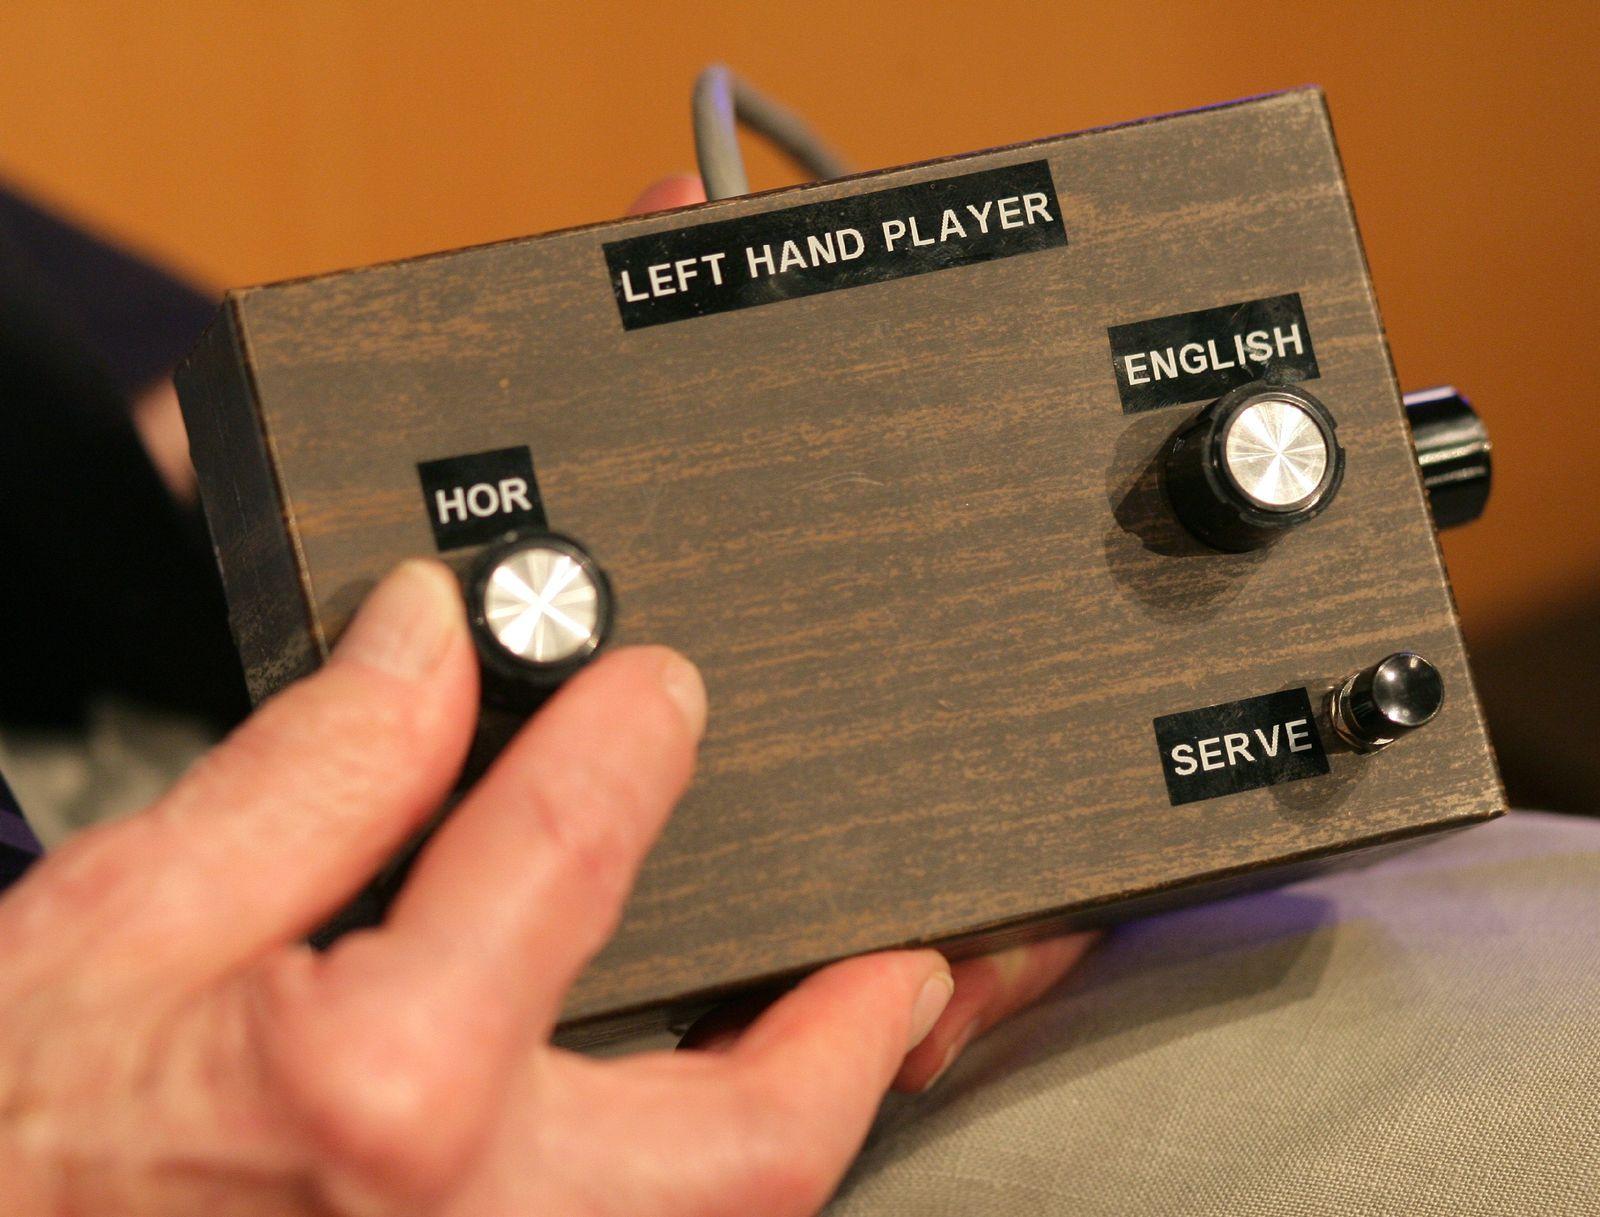 Prototyp der ersten Spielkonsole Odyssey